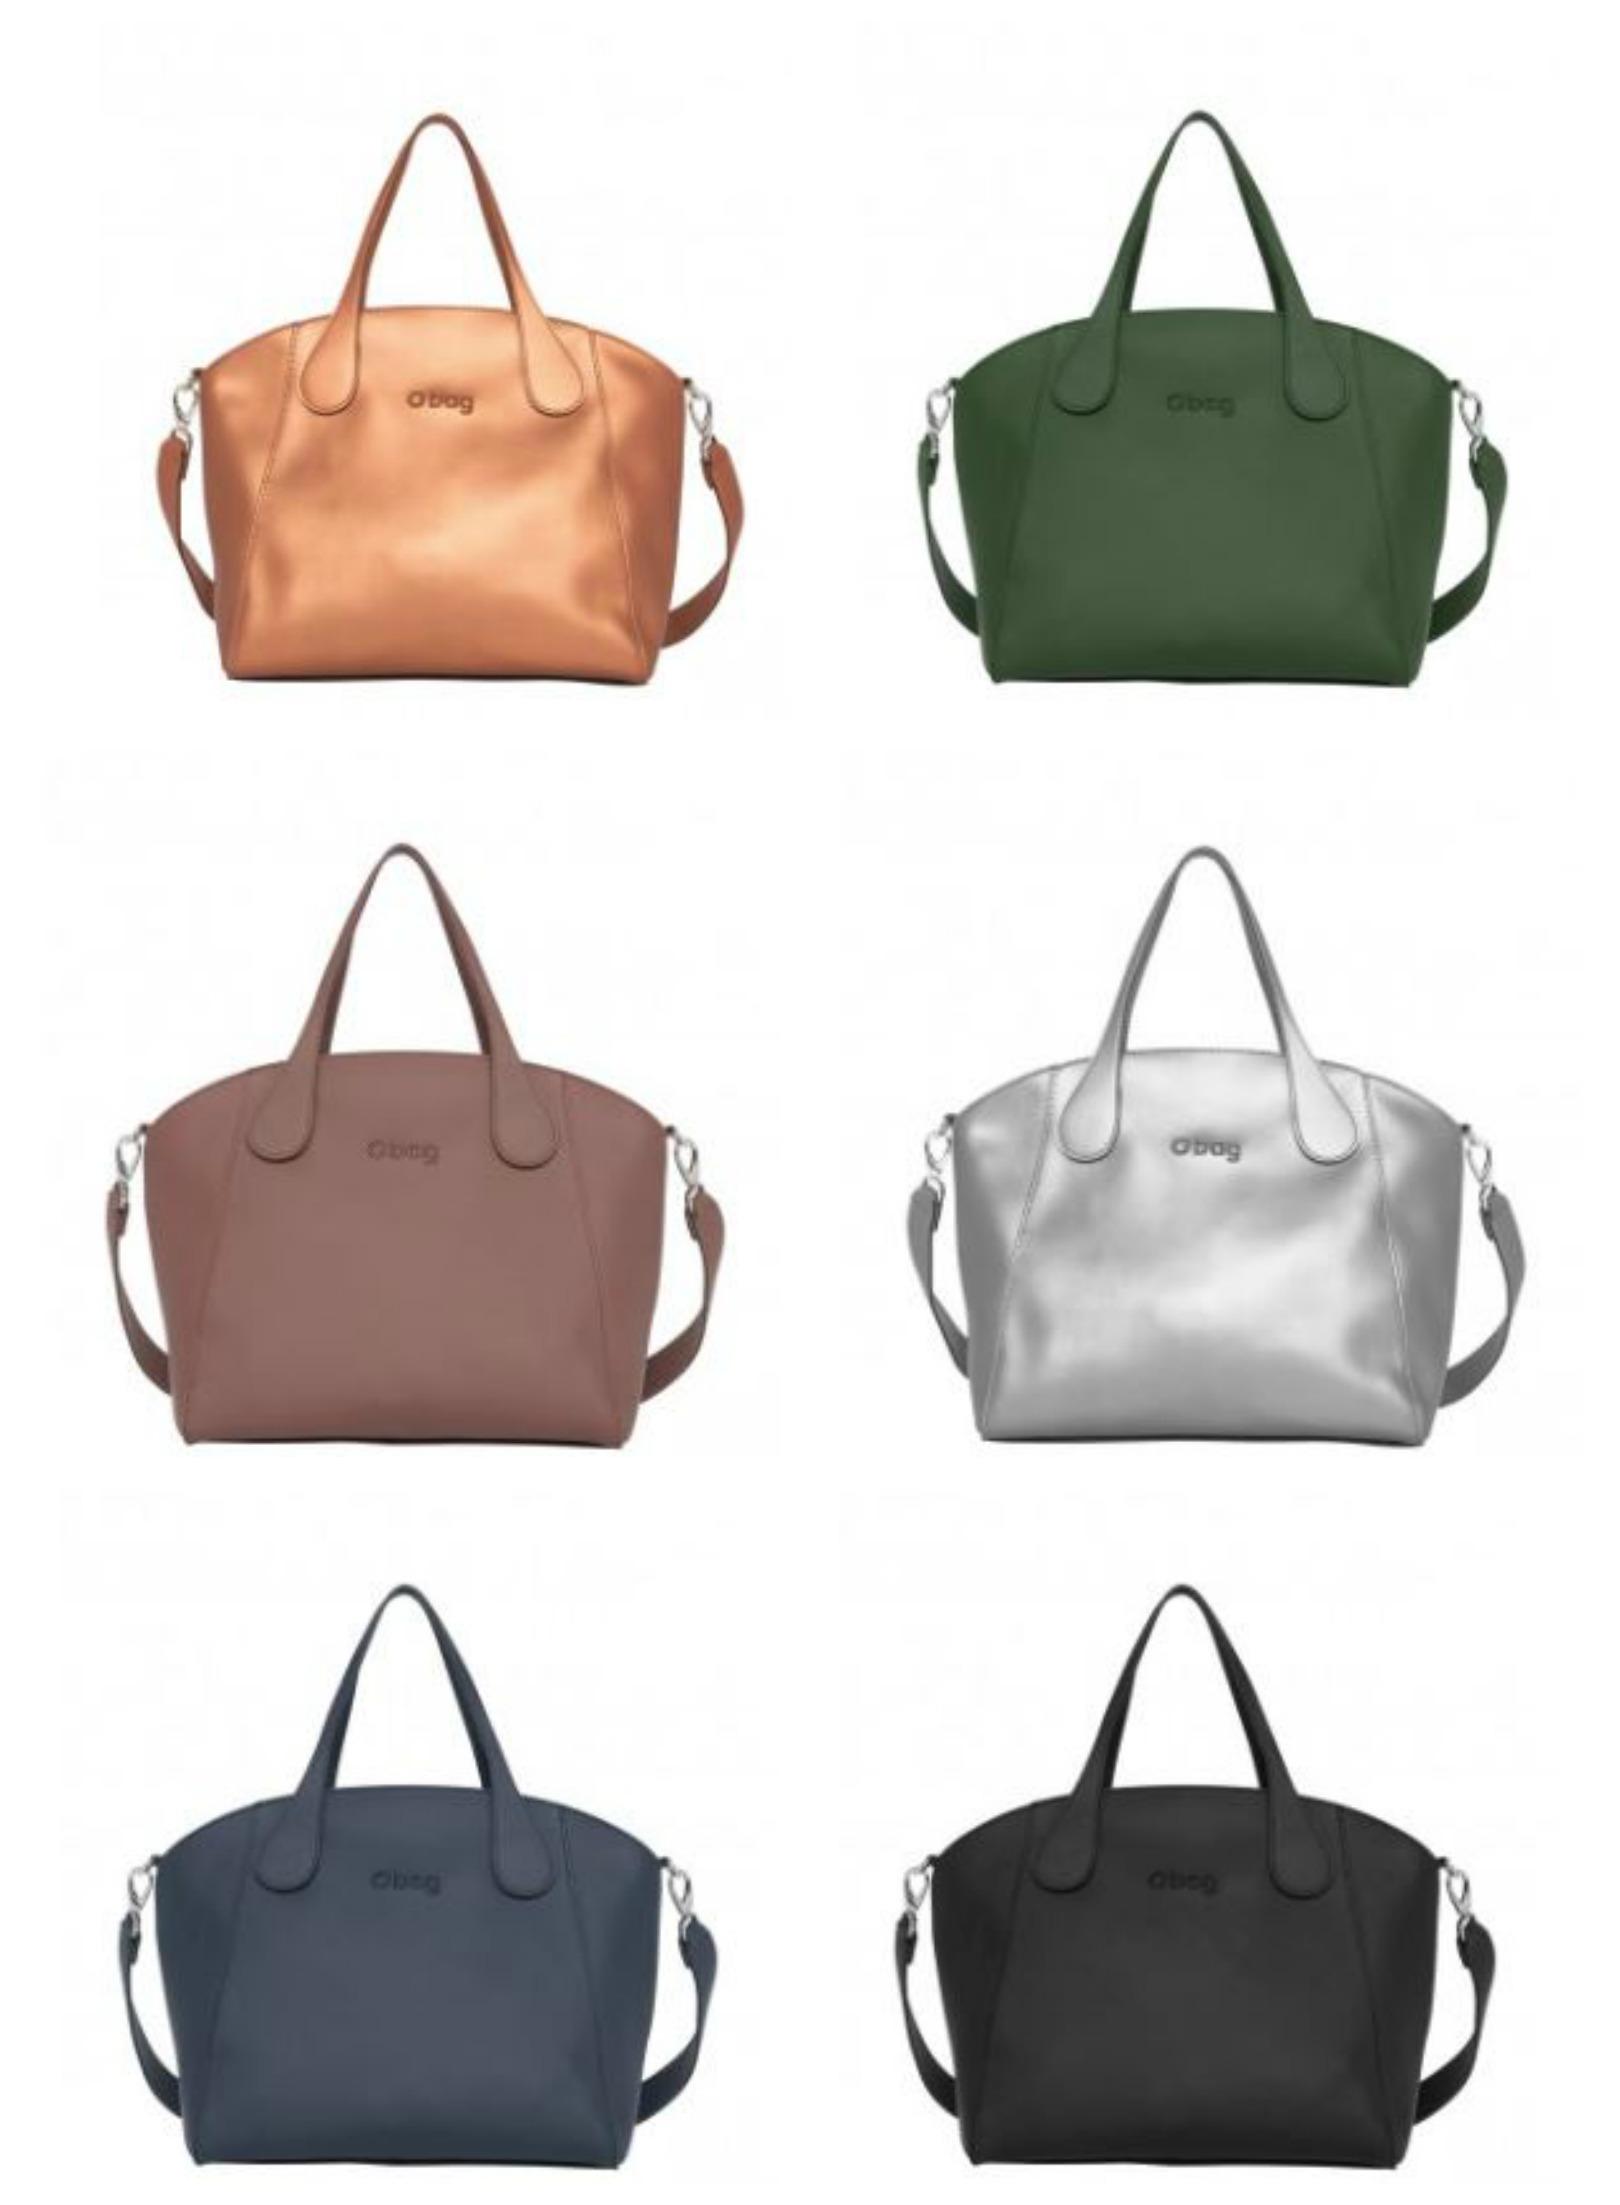 Nuove Borse O Bag Soft Mild 2019